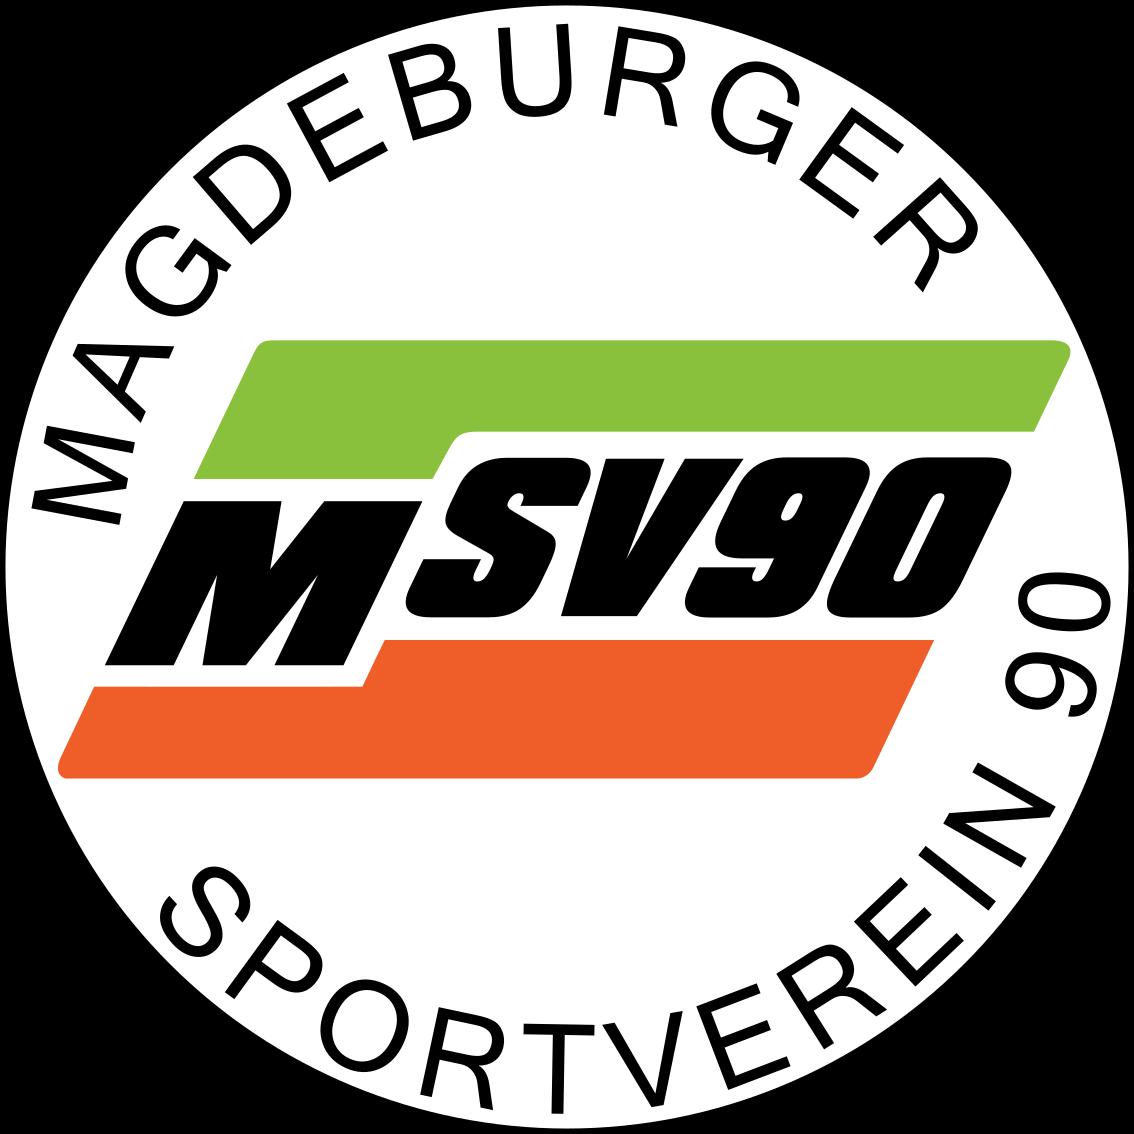 MSV 90 e.V.